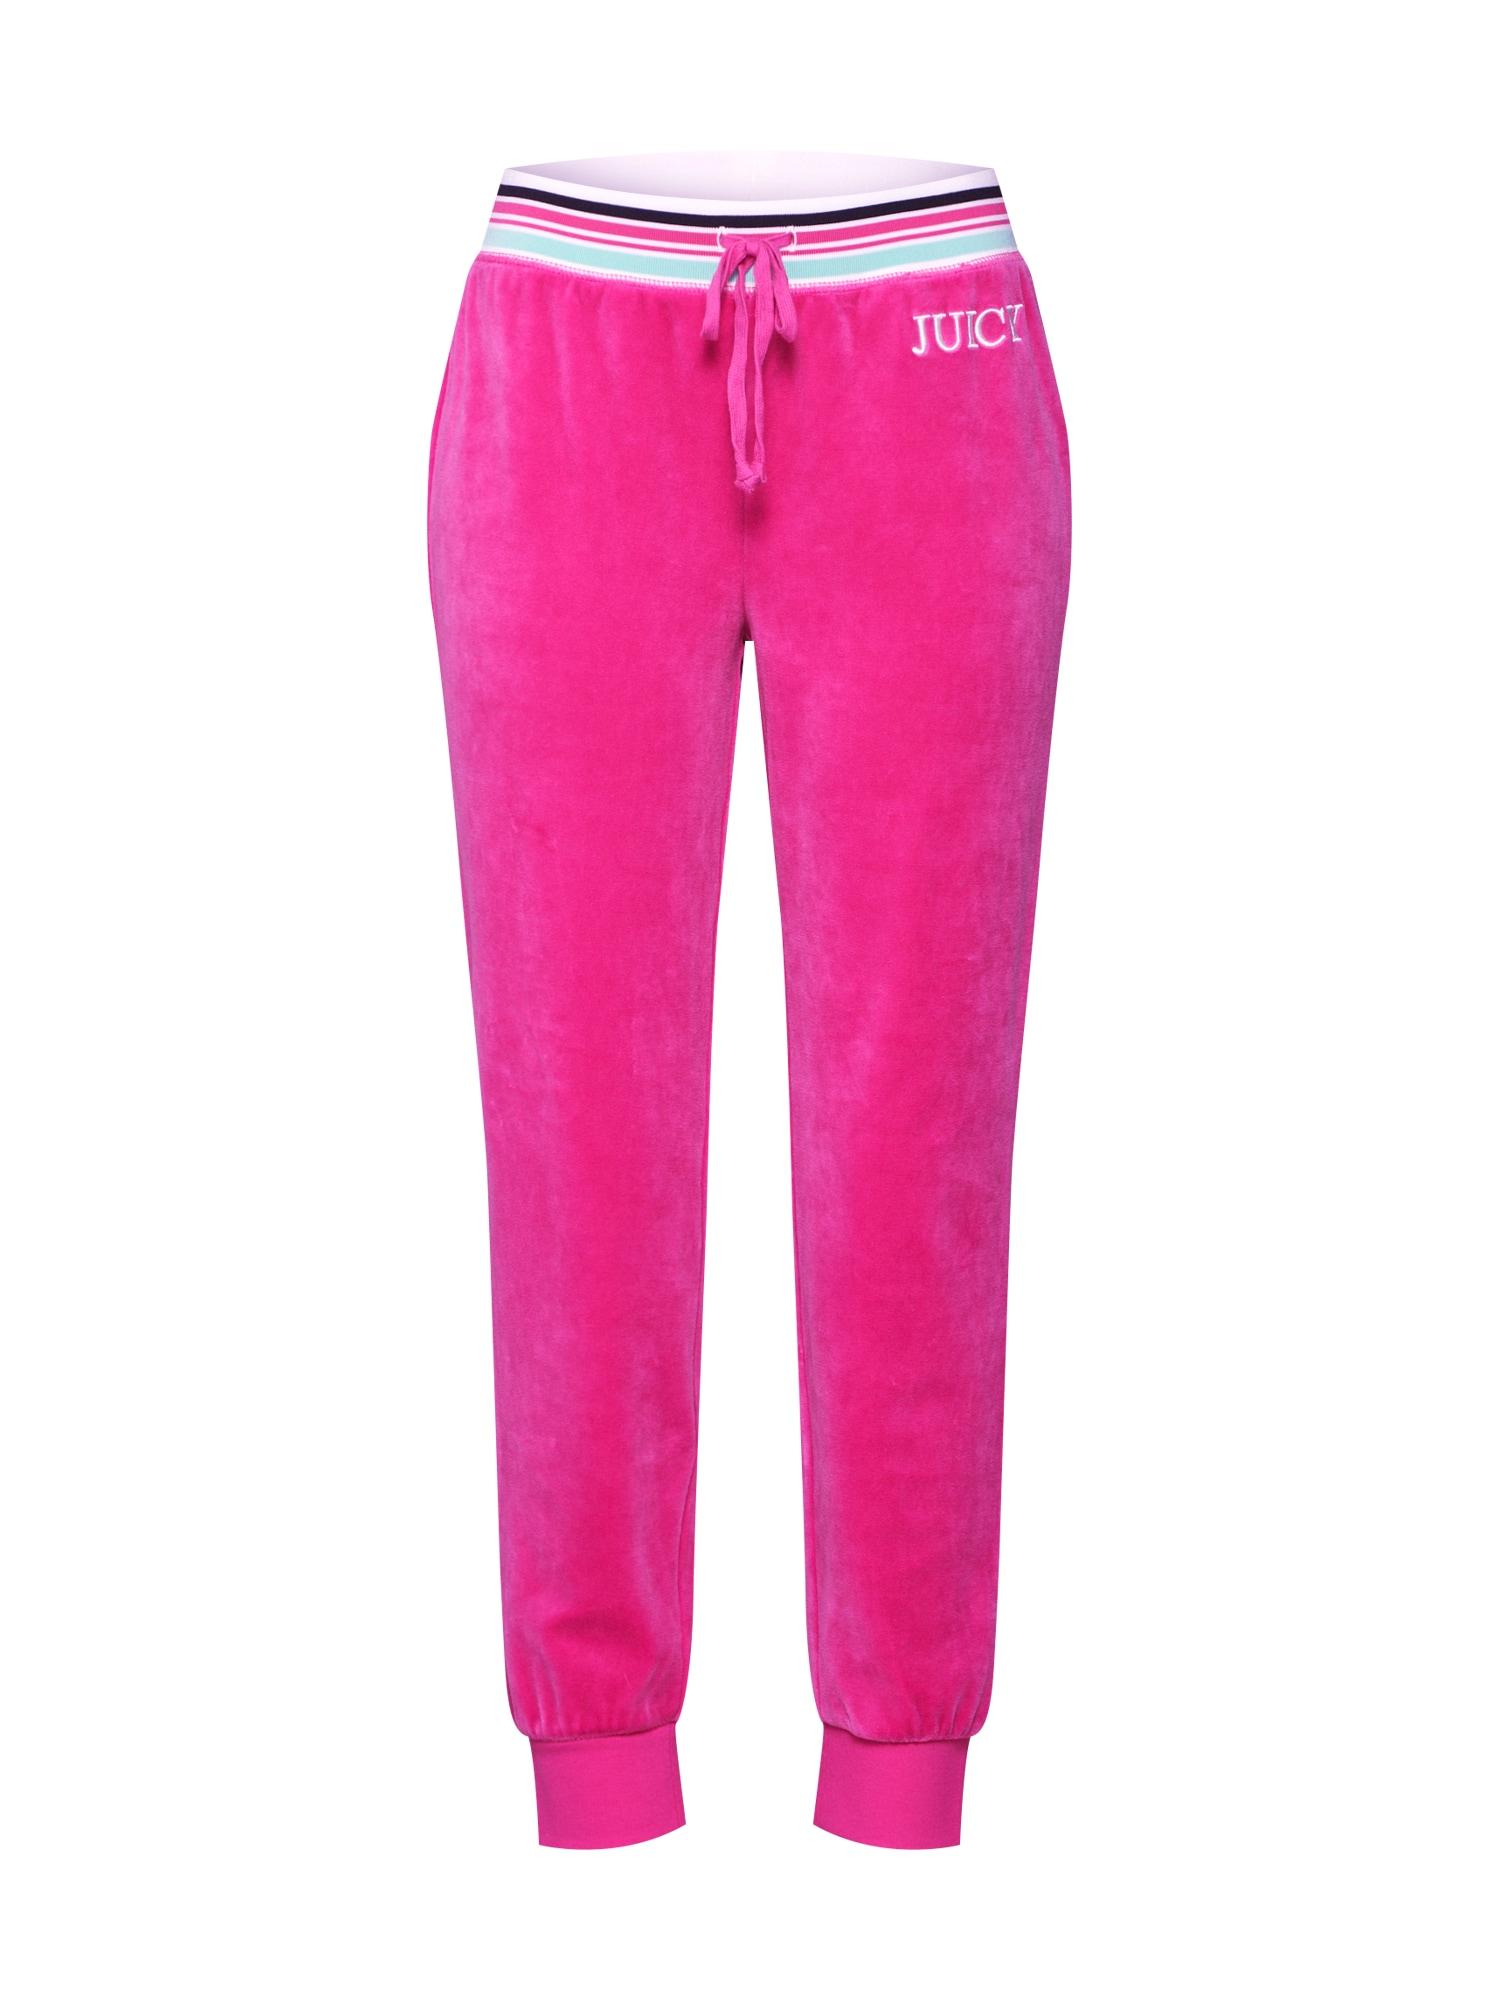 Kalhoty světlemodrá pink černá bílá Juicy Couture Black Label